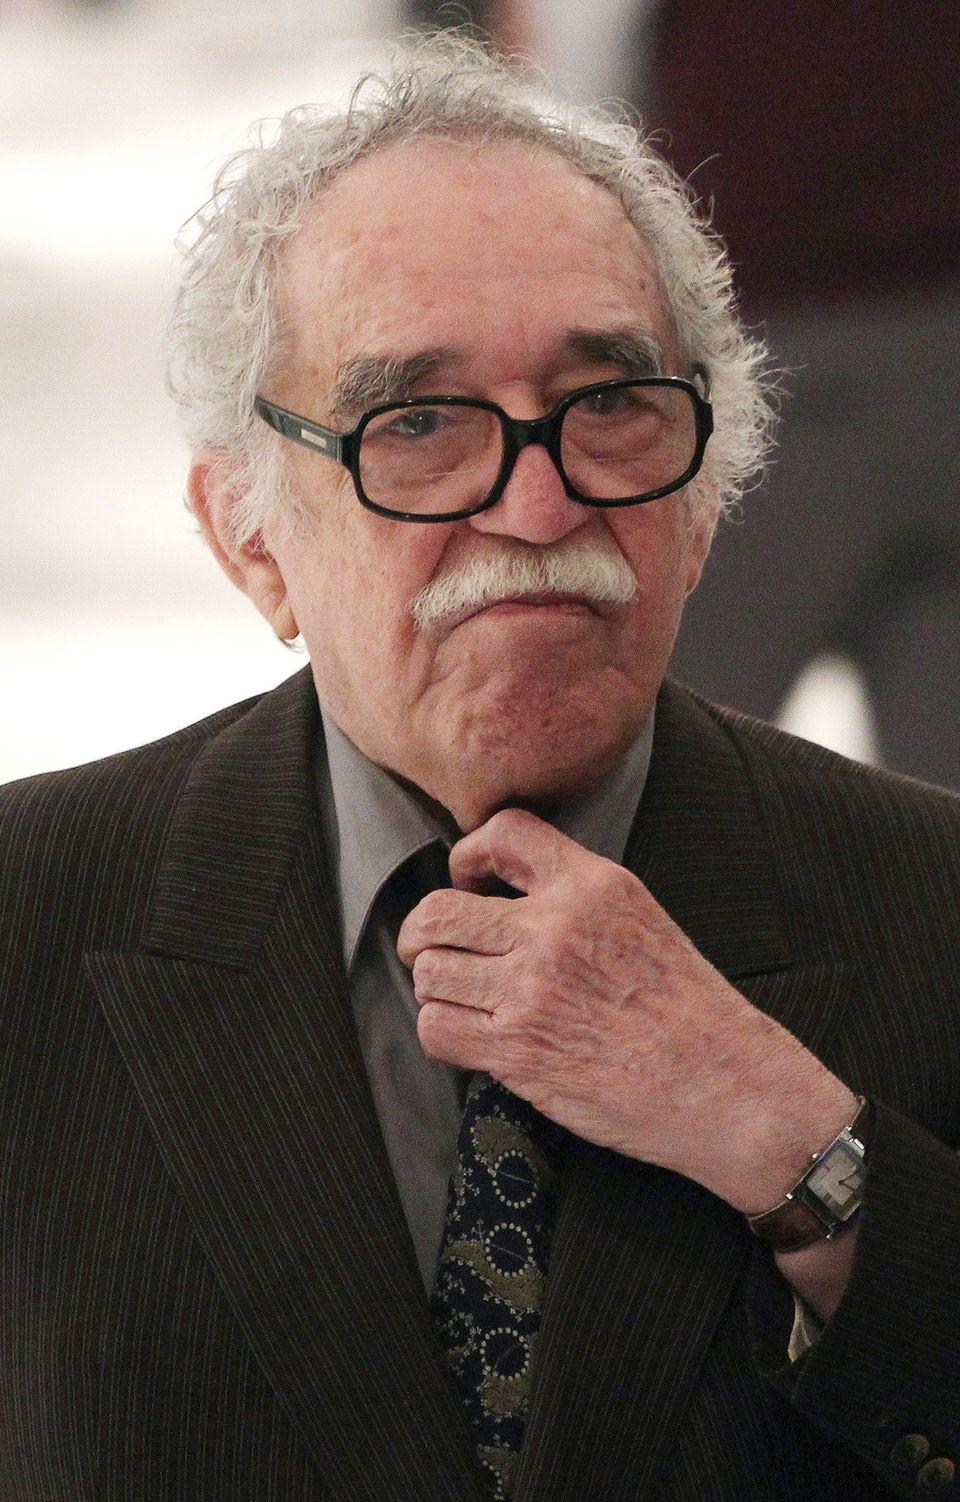 """<a href=""""http://www.voxxi.com/top-8-latino-writers-you-should-know/#ixzz2ZVzKP6Uj"""" target=""""_blank"""">Gabriel Garcia Marquez</a>"""